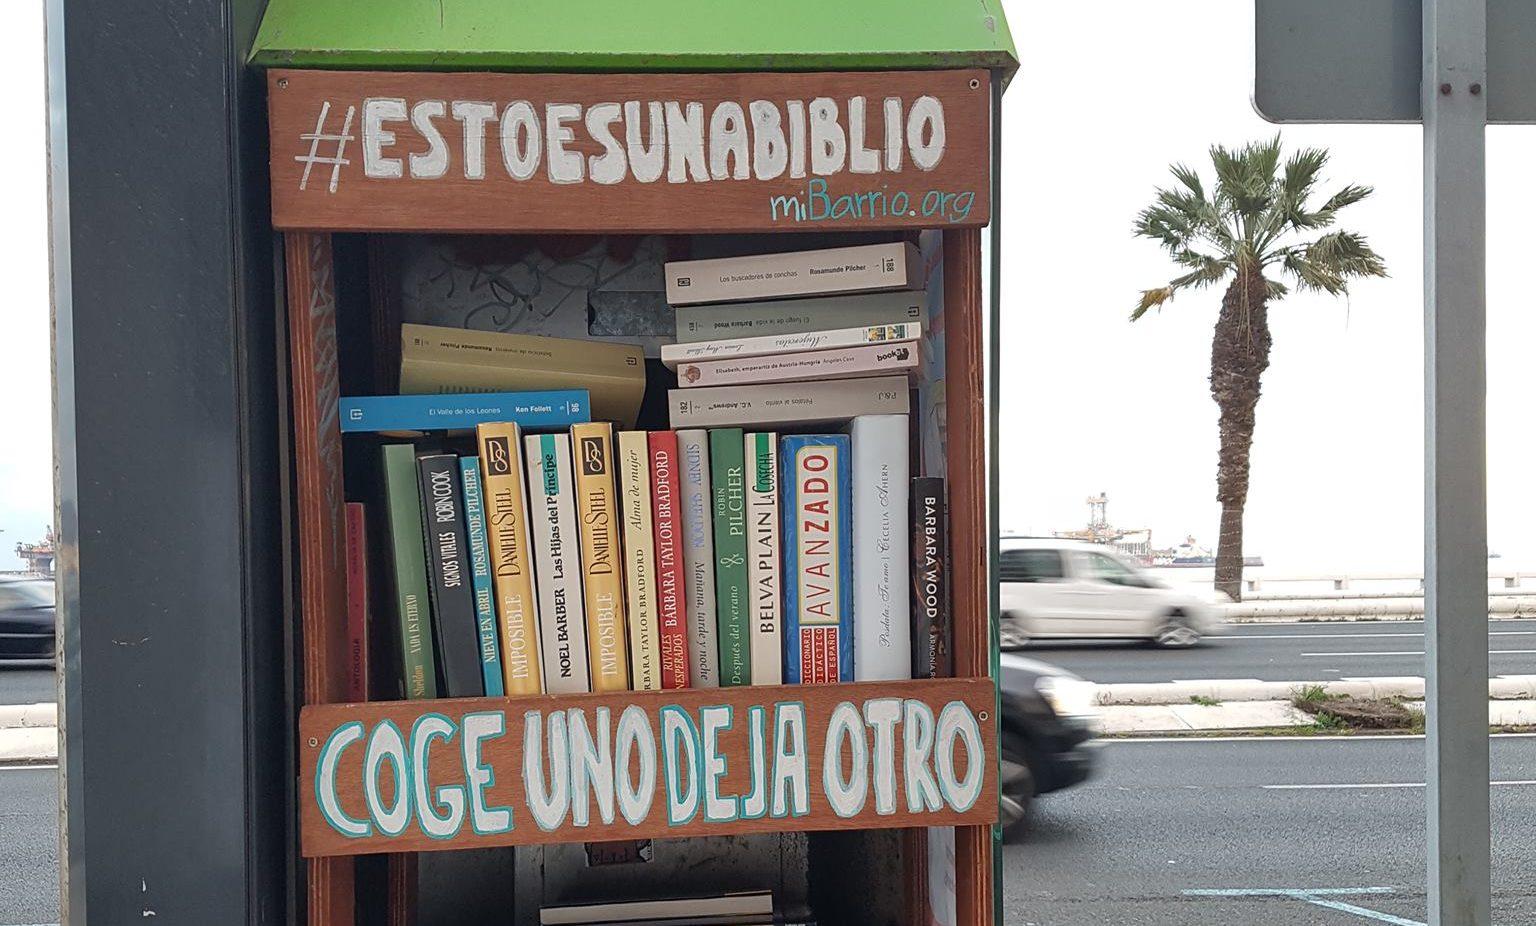 #EstoEsUnaBiblio